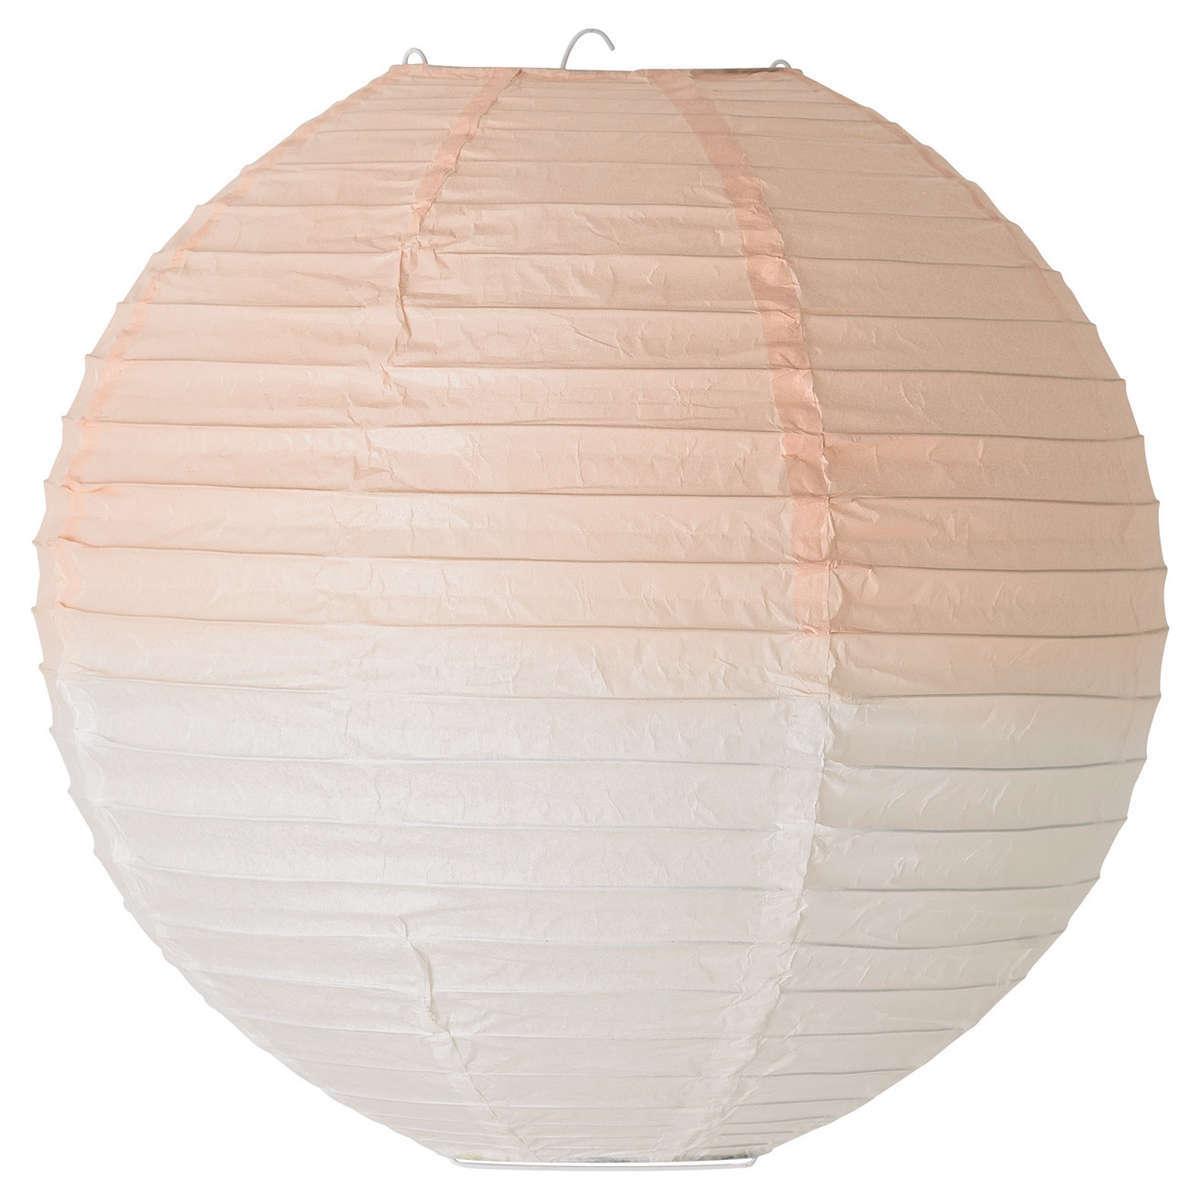 Suspension luminaire en papier 35 cm dip dye blanc for Suspension luminaire papier